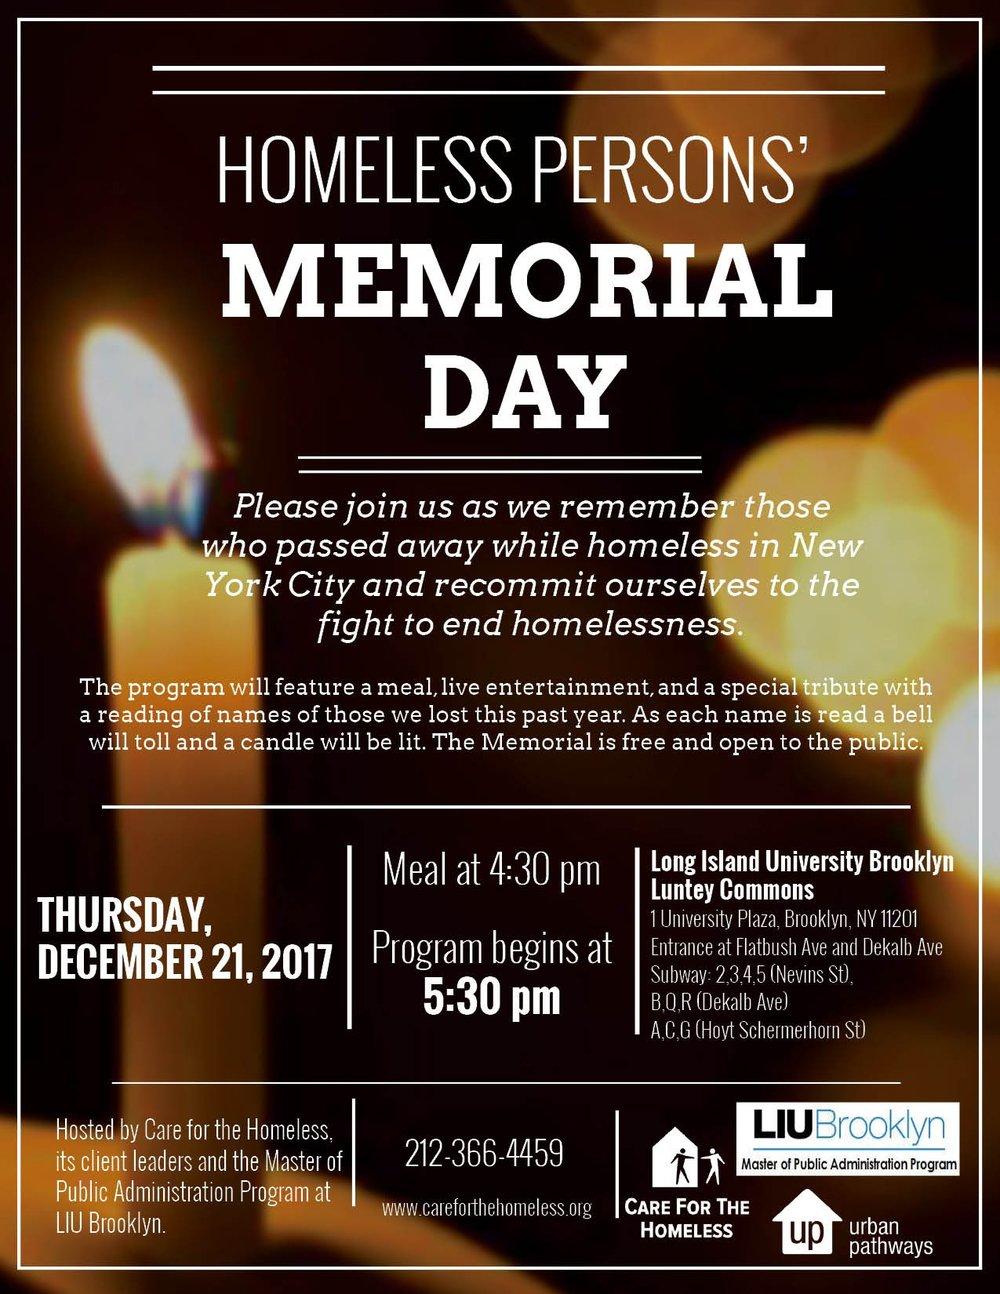 HomelessPersonsMemorial.jpg